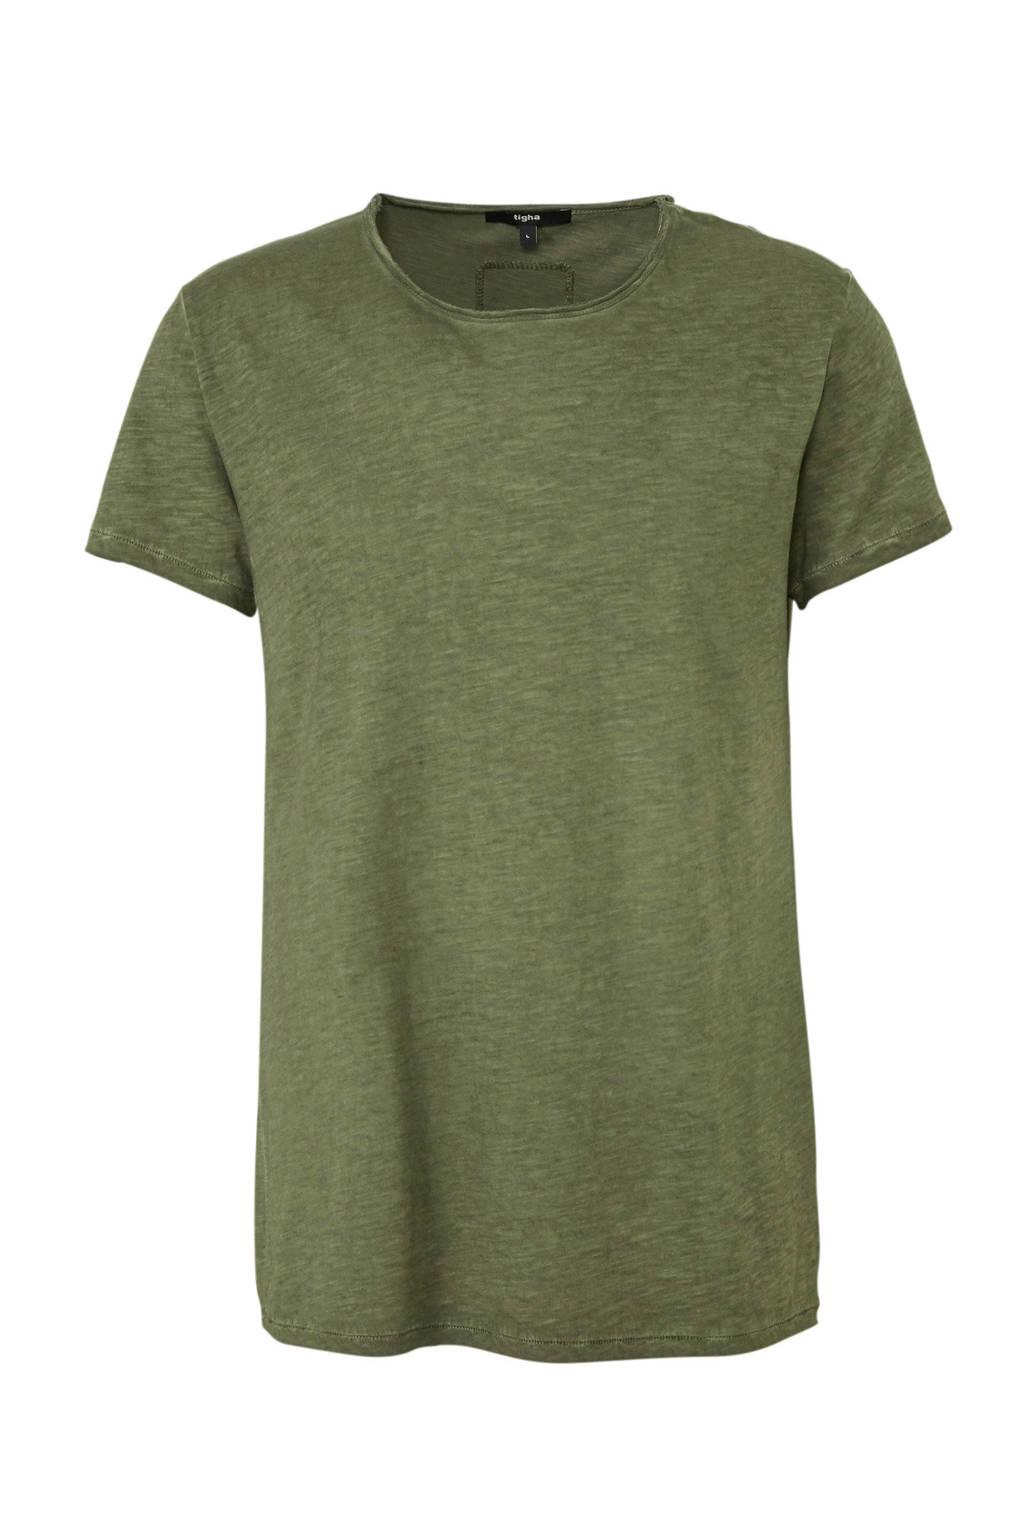 Tigha T-shirt groen, Groen